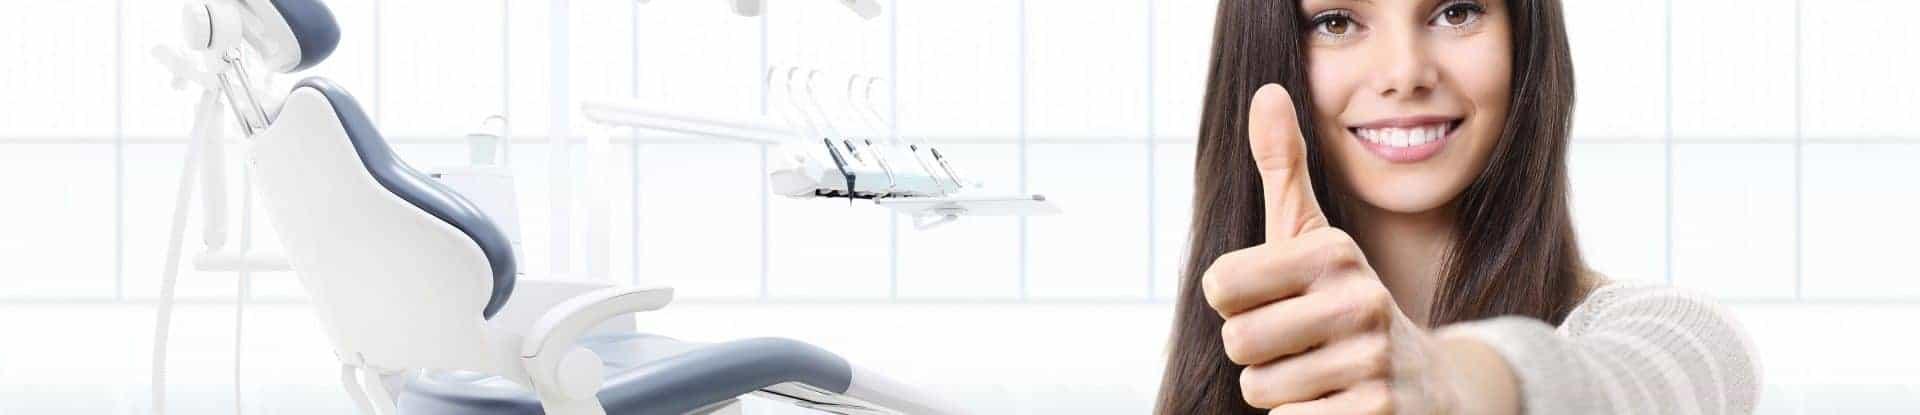 Für-Ihre-Zähne-nur-das-Beste-Zahnarzt-Bremen-Nord-Vegesack-Zahnzentrum-an-der-Fluke-1920x415-optim